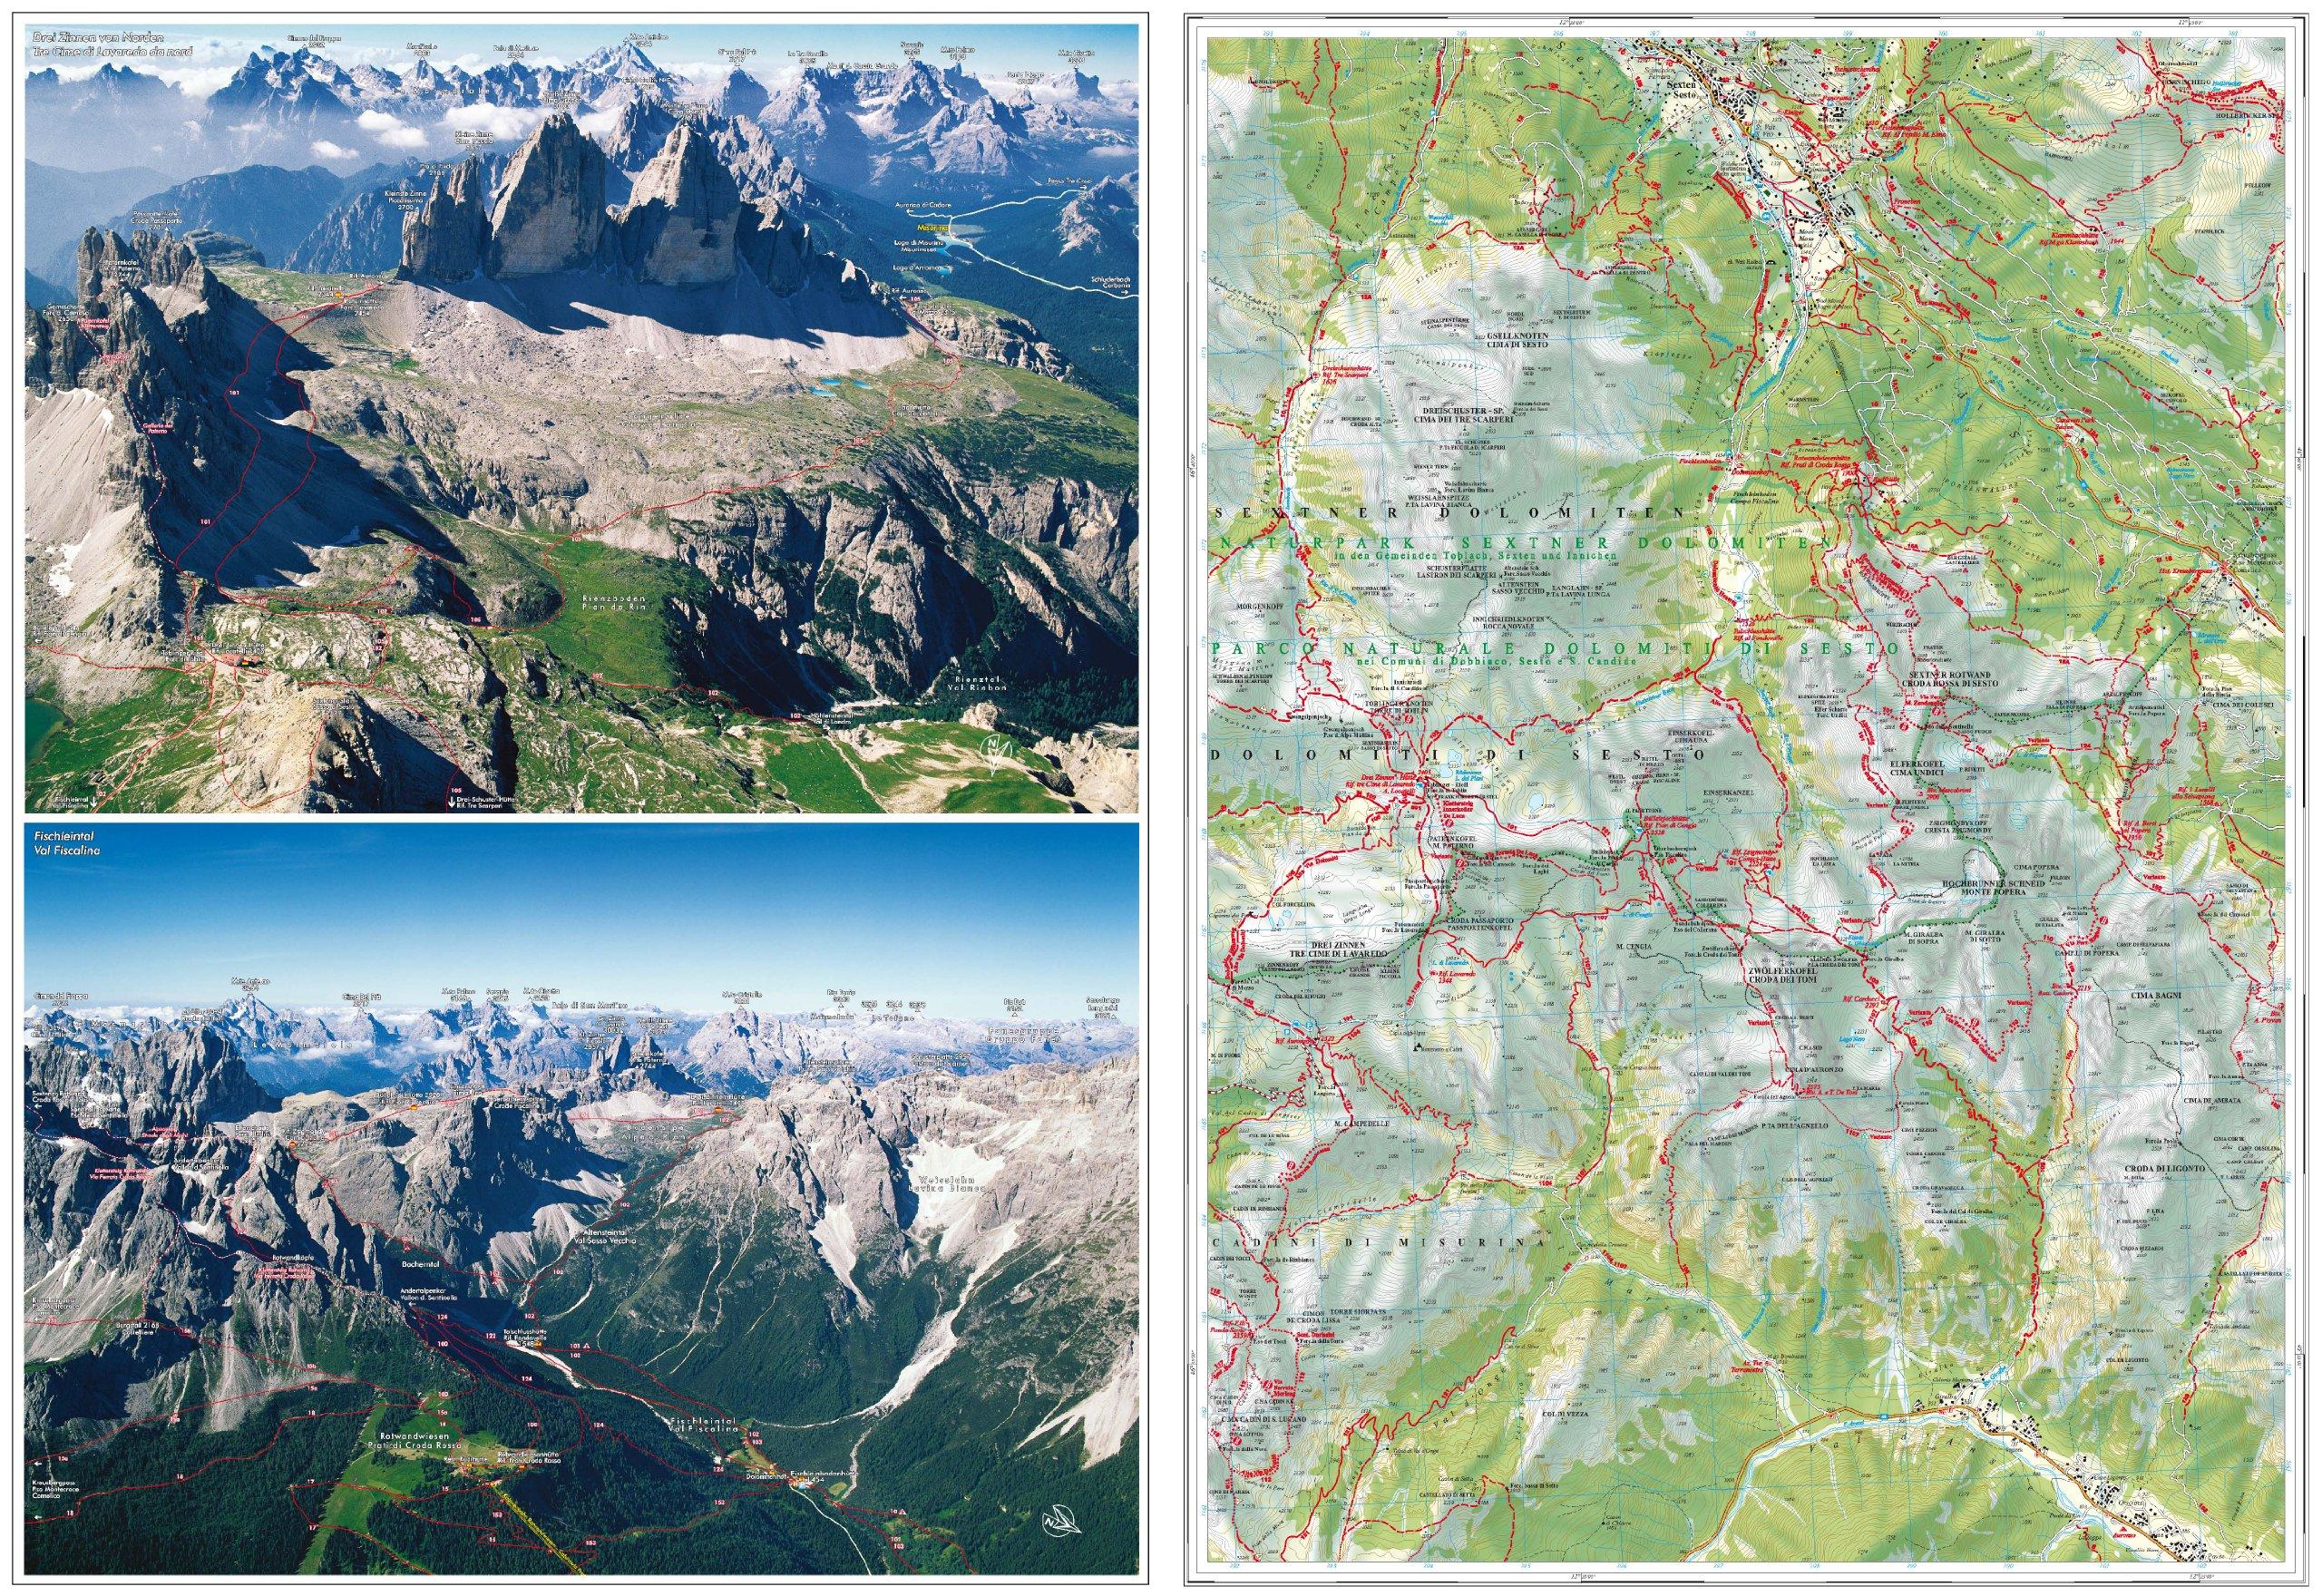 Cartina 3 Cime Di Lavaredo.Wanderkarte Drei Zinnen 1 25 000 Cartina Escursionistica Tre Cime Di Lavaredo 9788870736830 Amazon Com Books